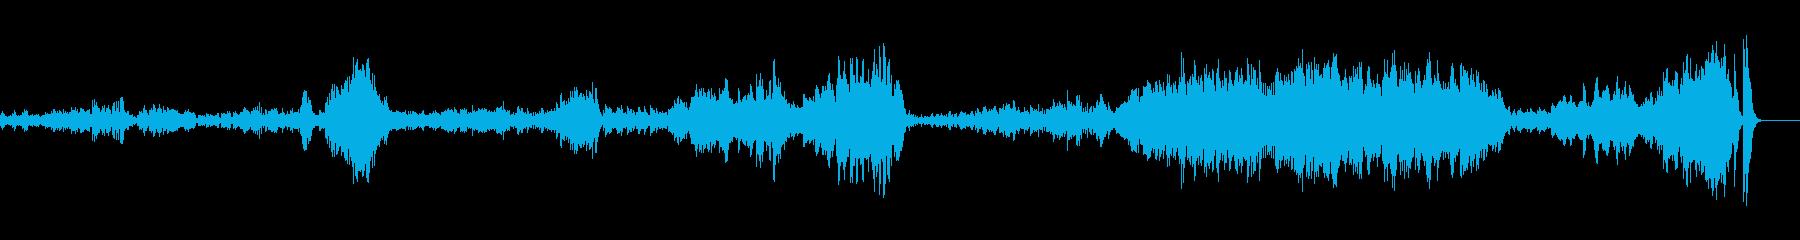 アンコールで映えるピアノソロ曲の再生済みの波形